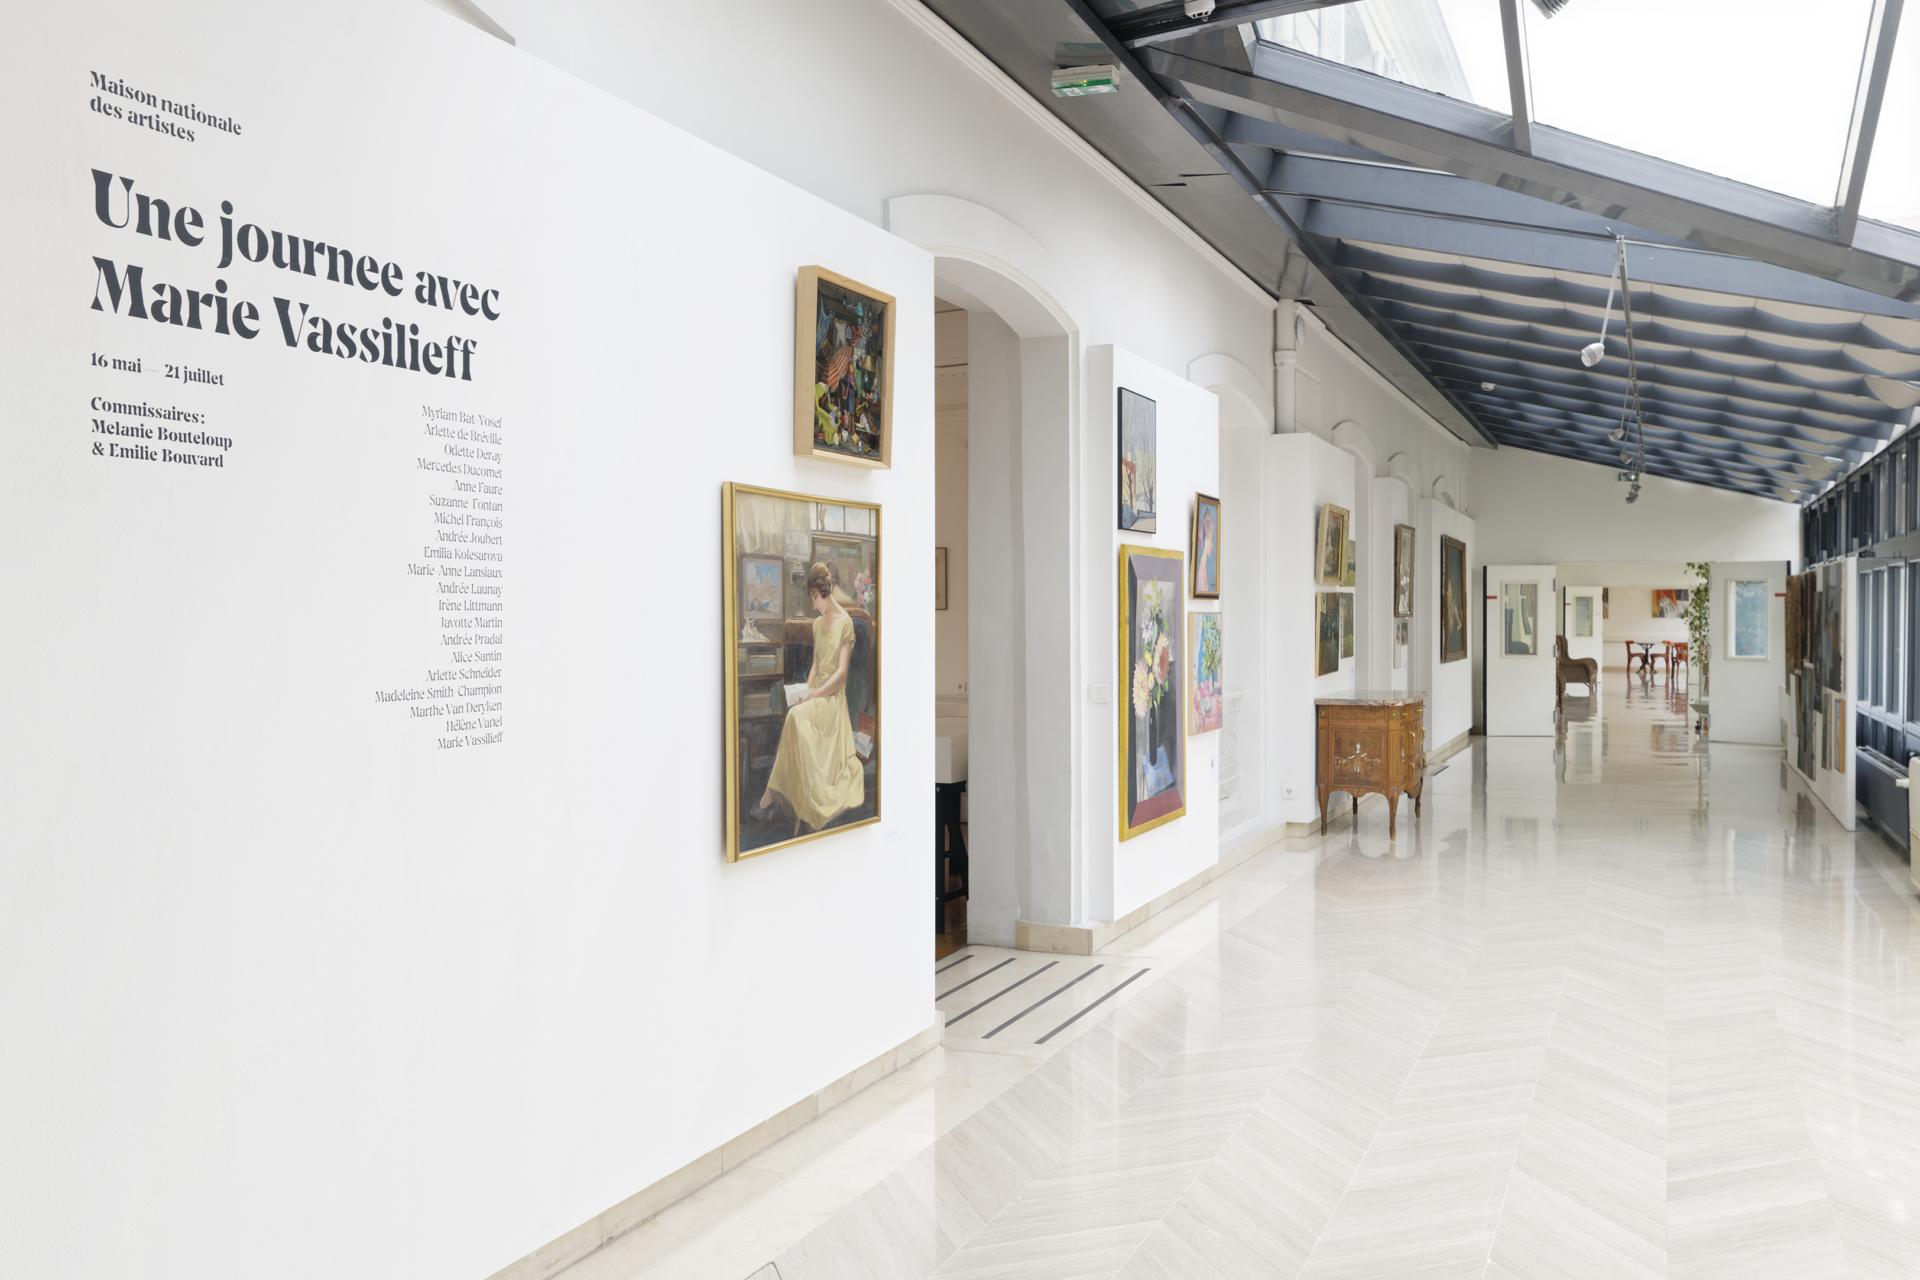 """Vues de l'exposition """"Une journée avec Marie Vassilieff"""" © Aurelien Mole"""